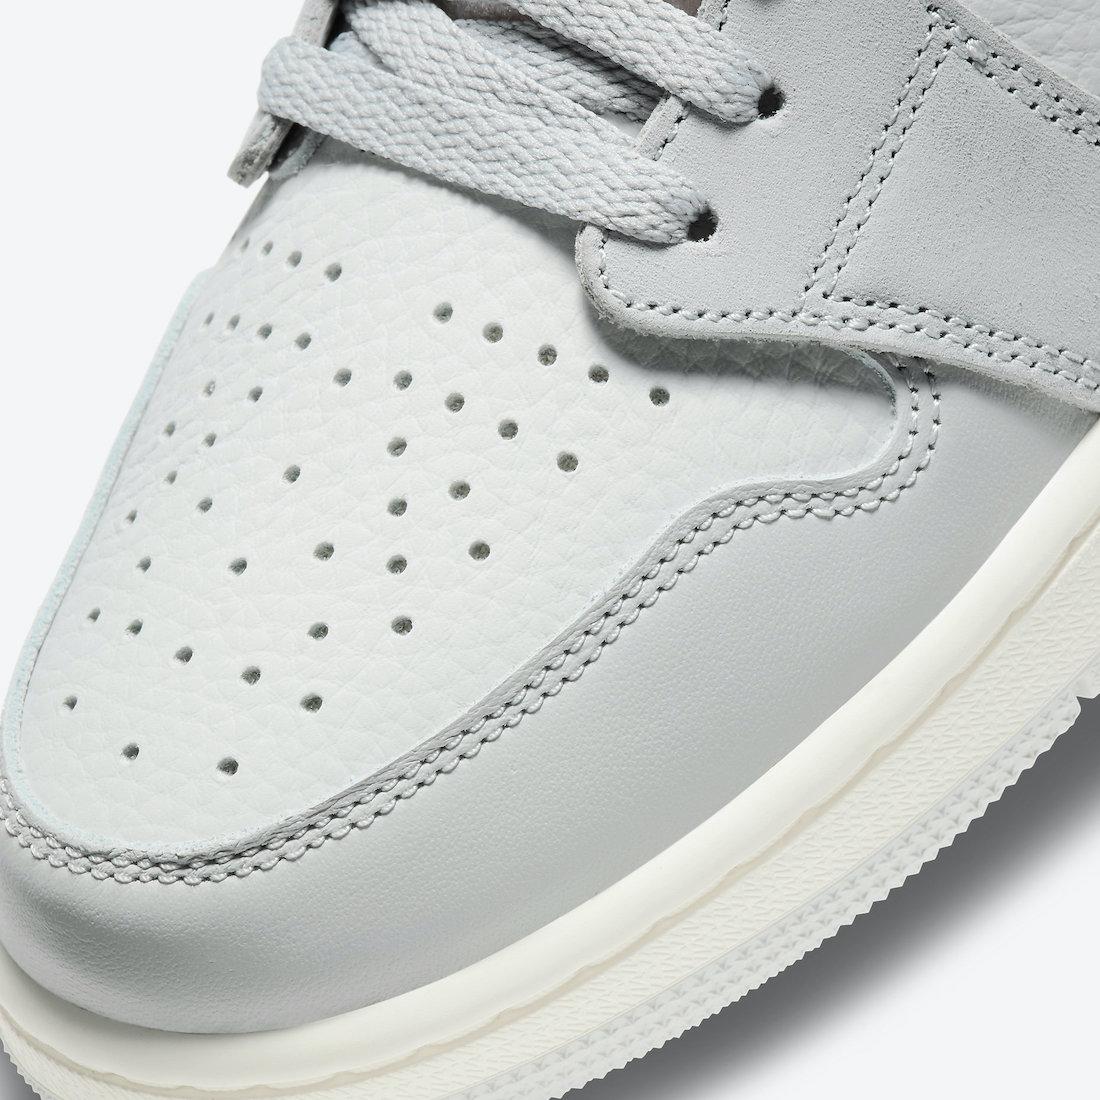 Air Jordan 1 Zoom Comfort London DH4268-001 Release Date Info